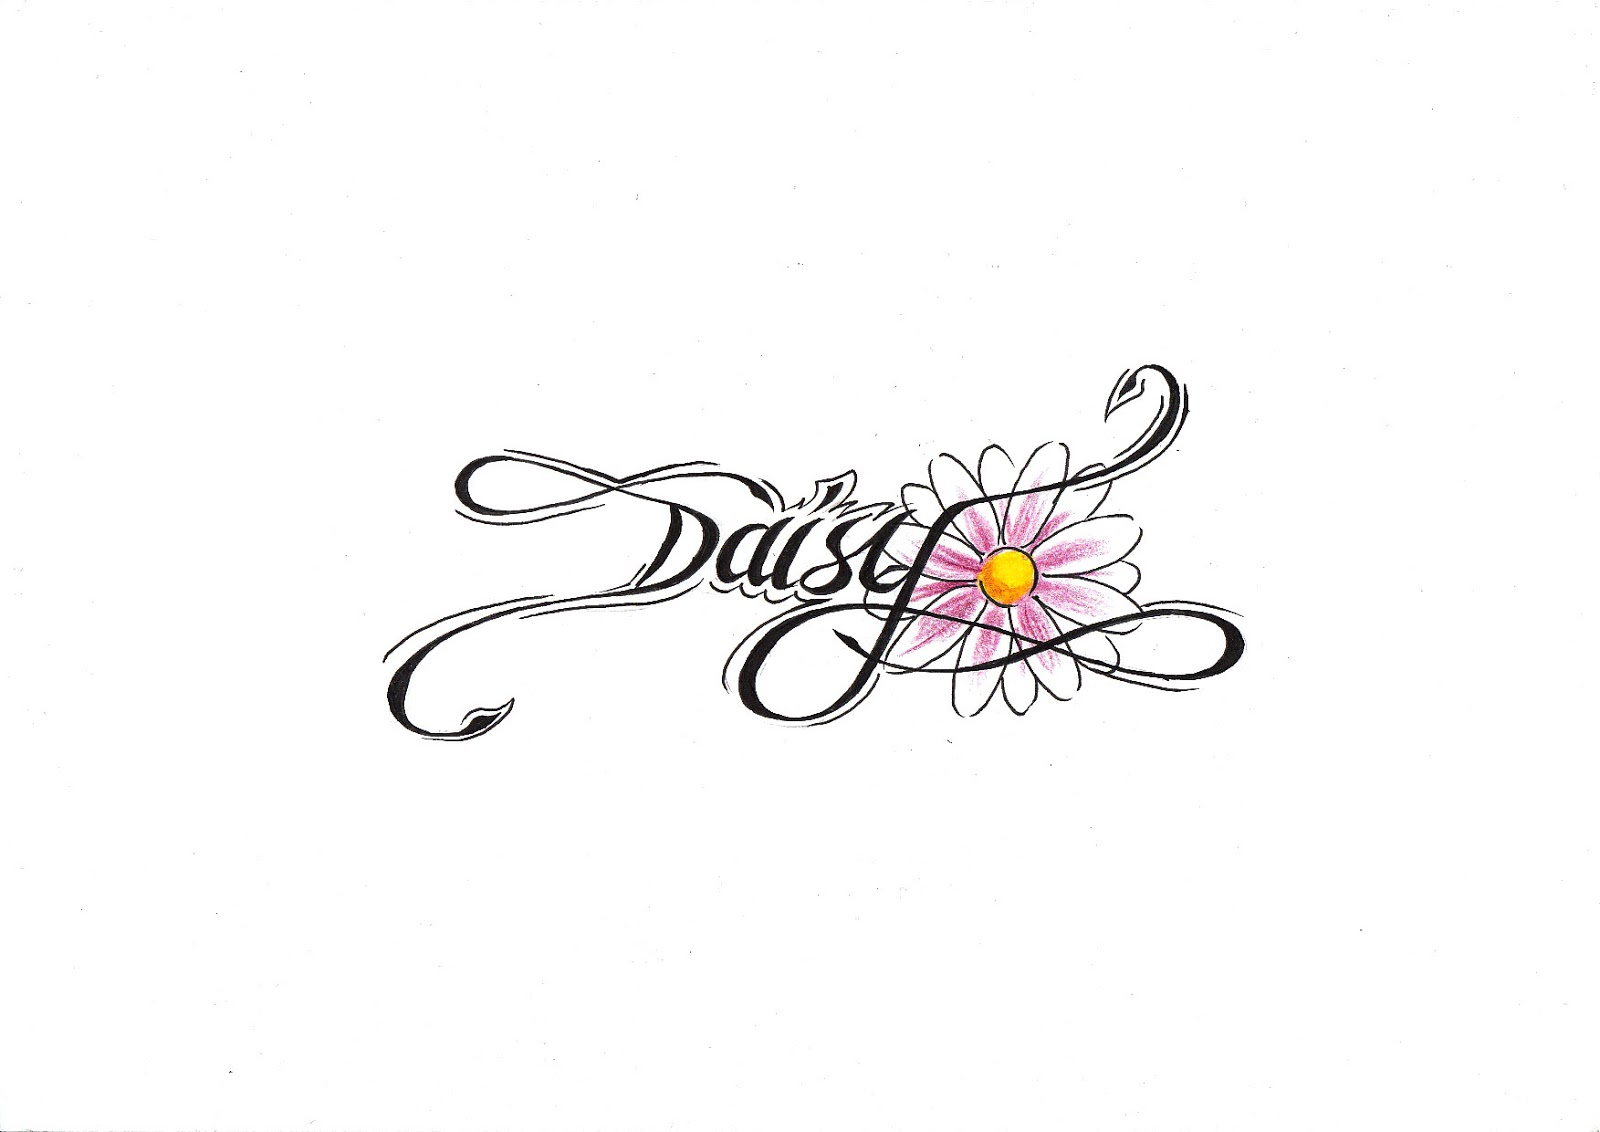 Heart Daisy Tattoo: Tattooz Designs: Flower Tattoo Designs